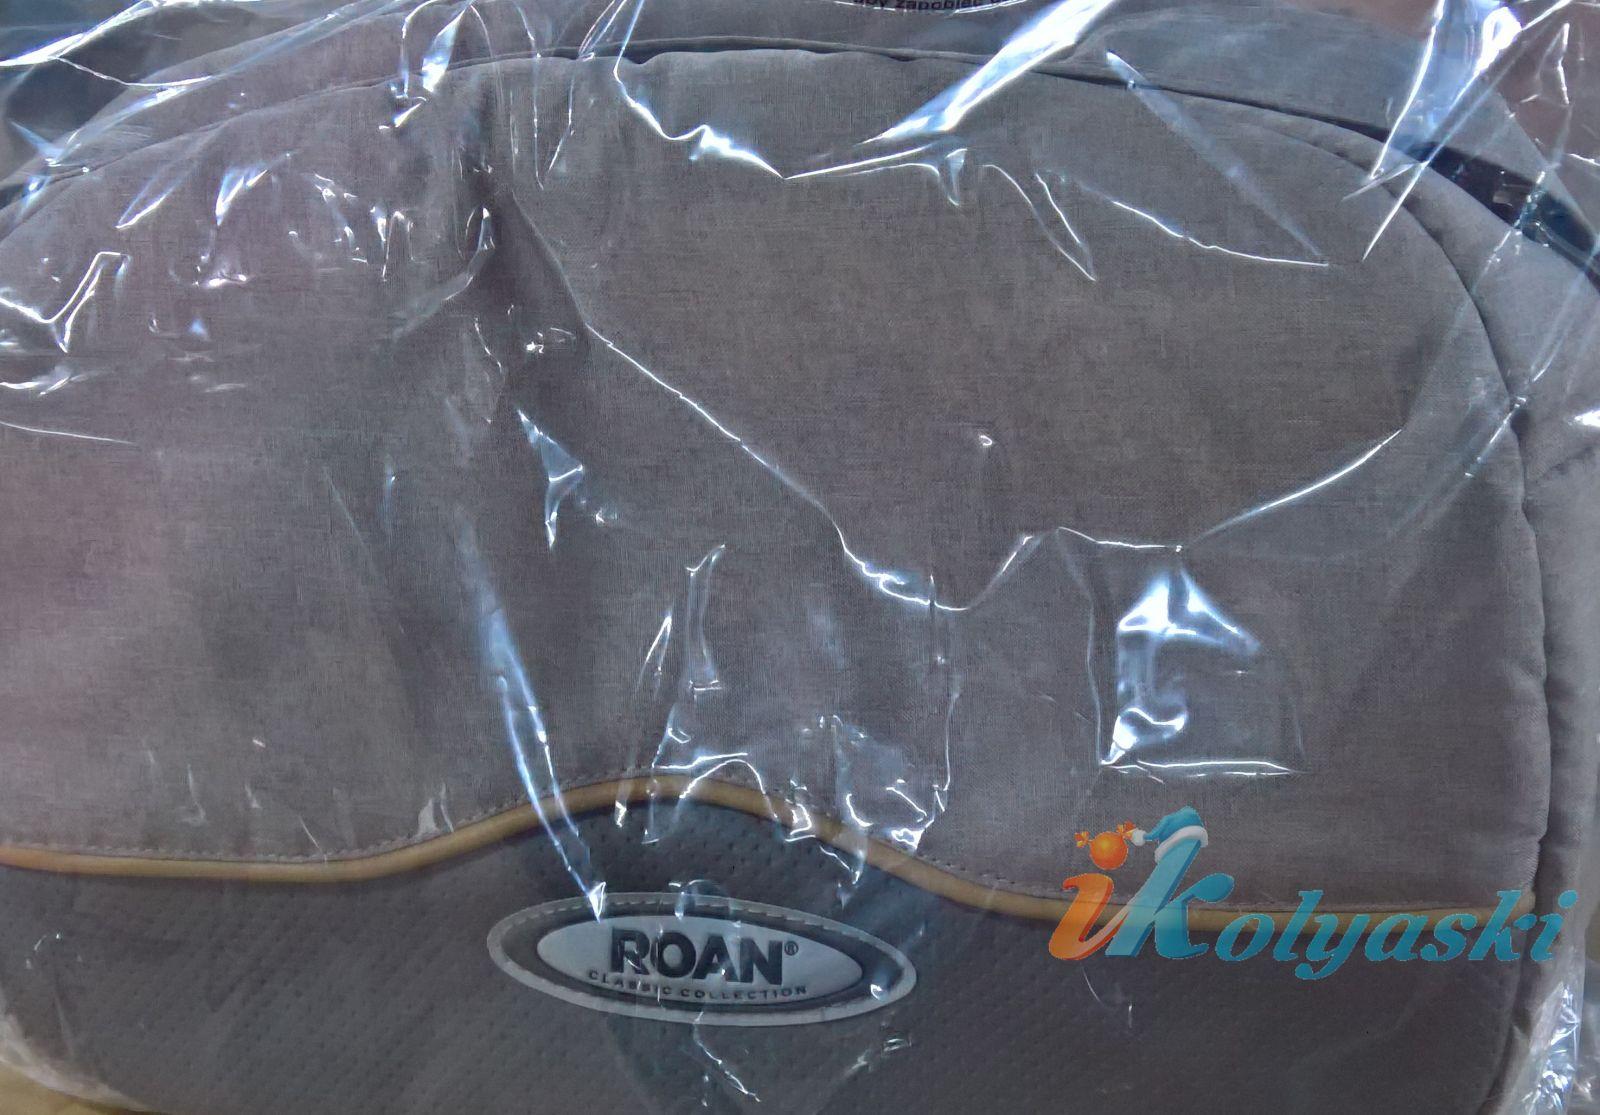 Детская коляска Roan Kortina Luxe Роан Кортина люкс 2018 спальная люлька 3 в 1 , коляска для новорожденных, коляска зима-лето.  roan kortina, roan cortina, Детская коляска Roan Kortina Luxe, коляска Роан Кортина люкс 2018, коляска спальная, коляска  люлька, коляска 3 в 1, коляска для новорожденных, роан кортина, коляска роан кортина, коляска roan cortina, цвет K-27